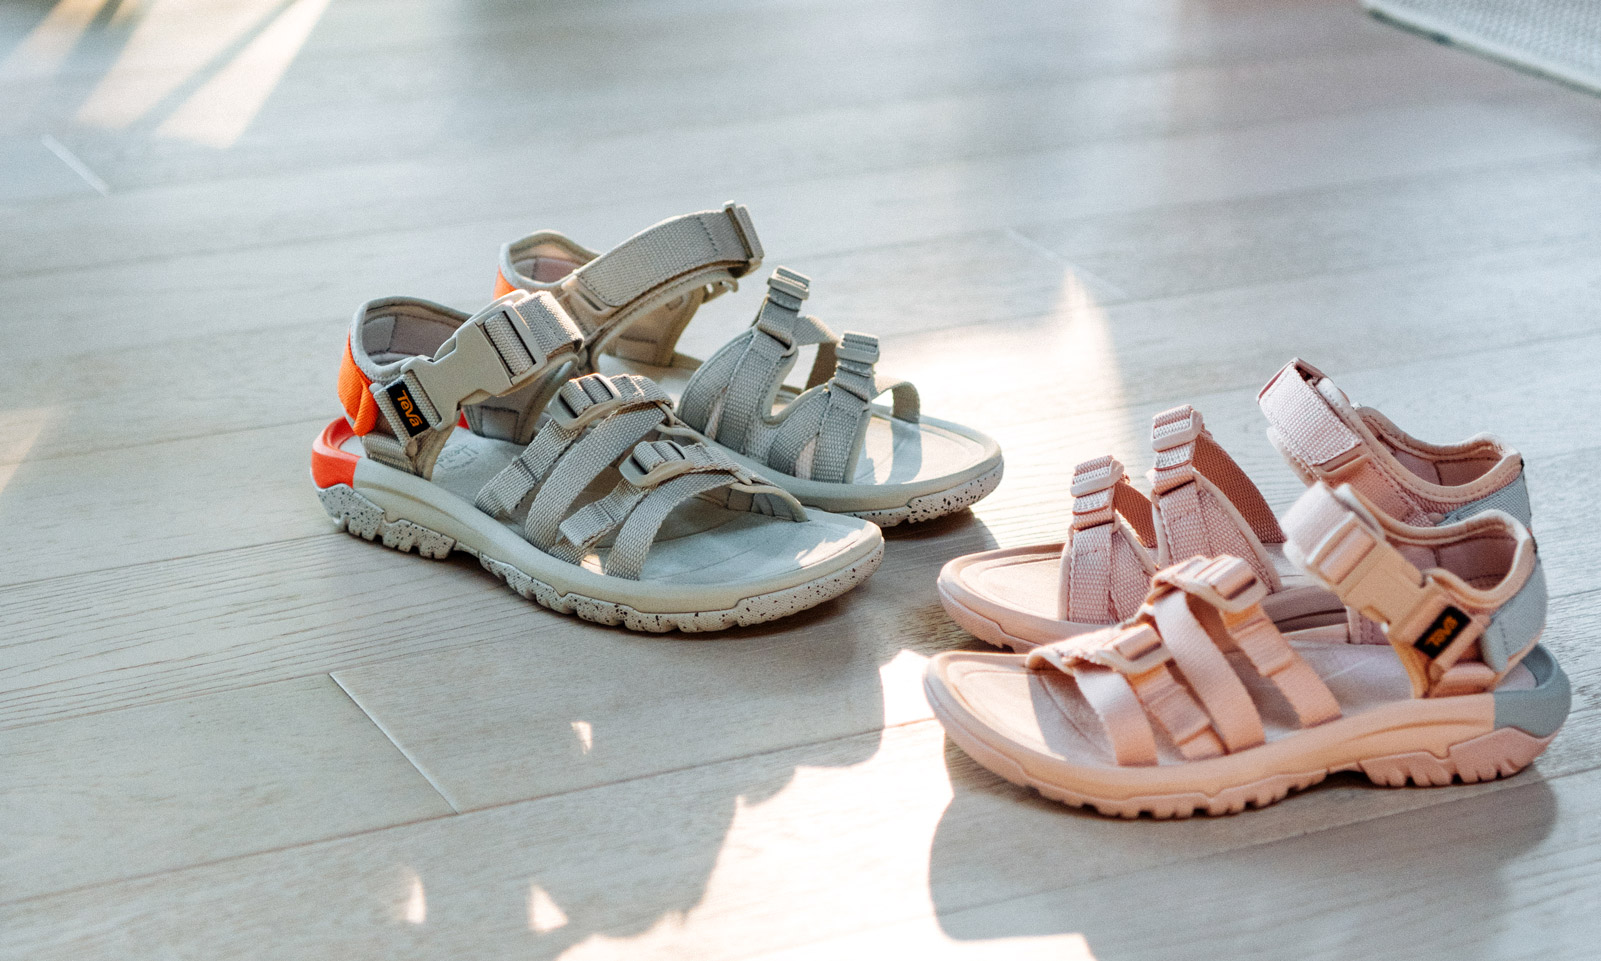 Herschel Supply x Teva® 全新合作款凉鞋即将发售